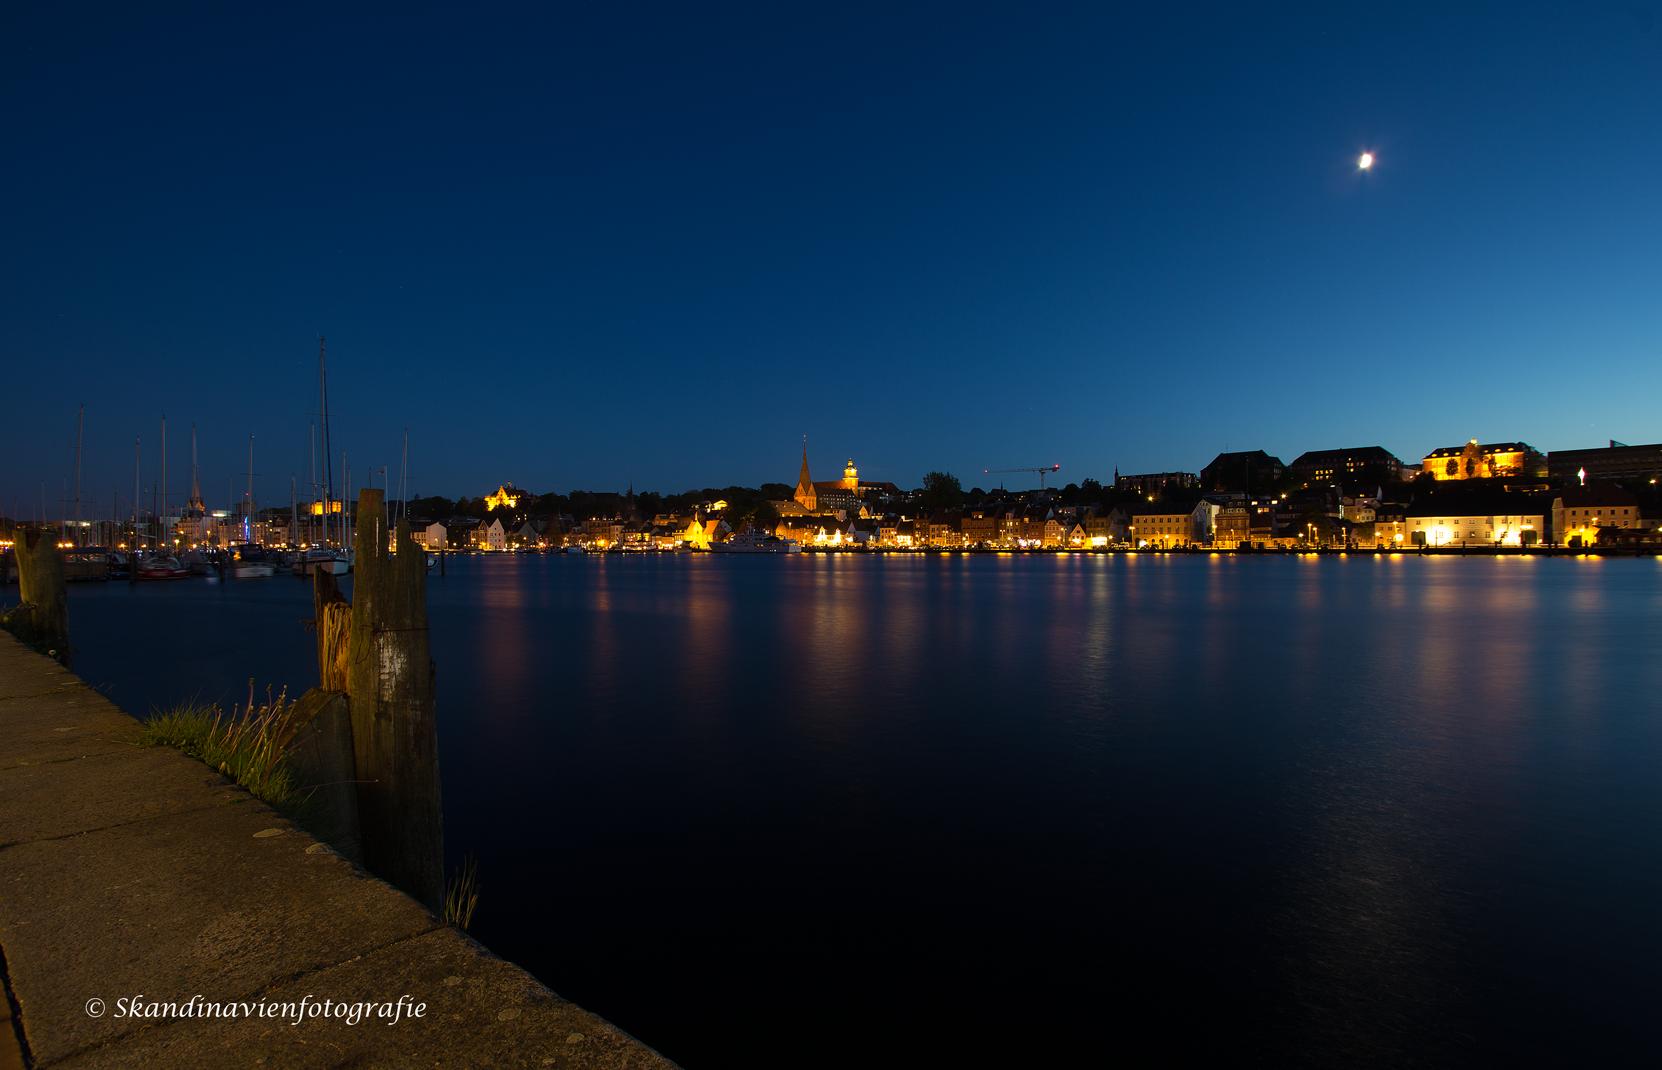 Flensburg by night